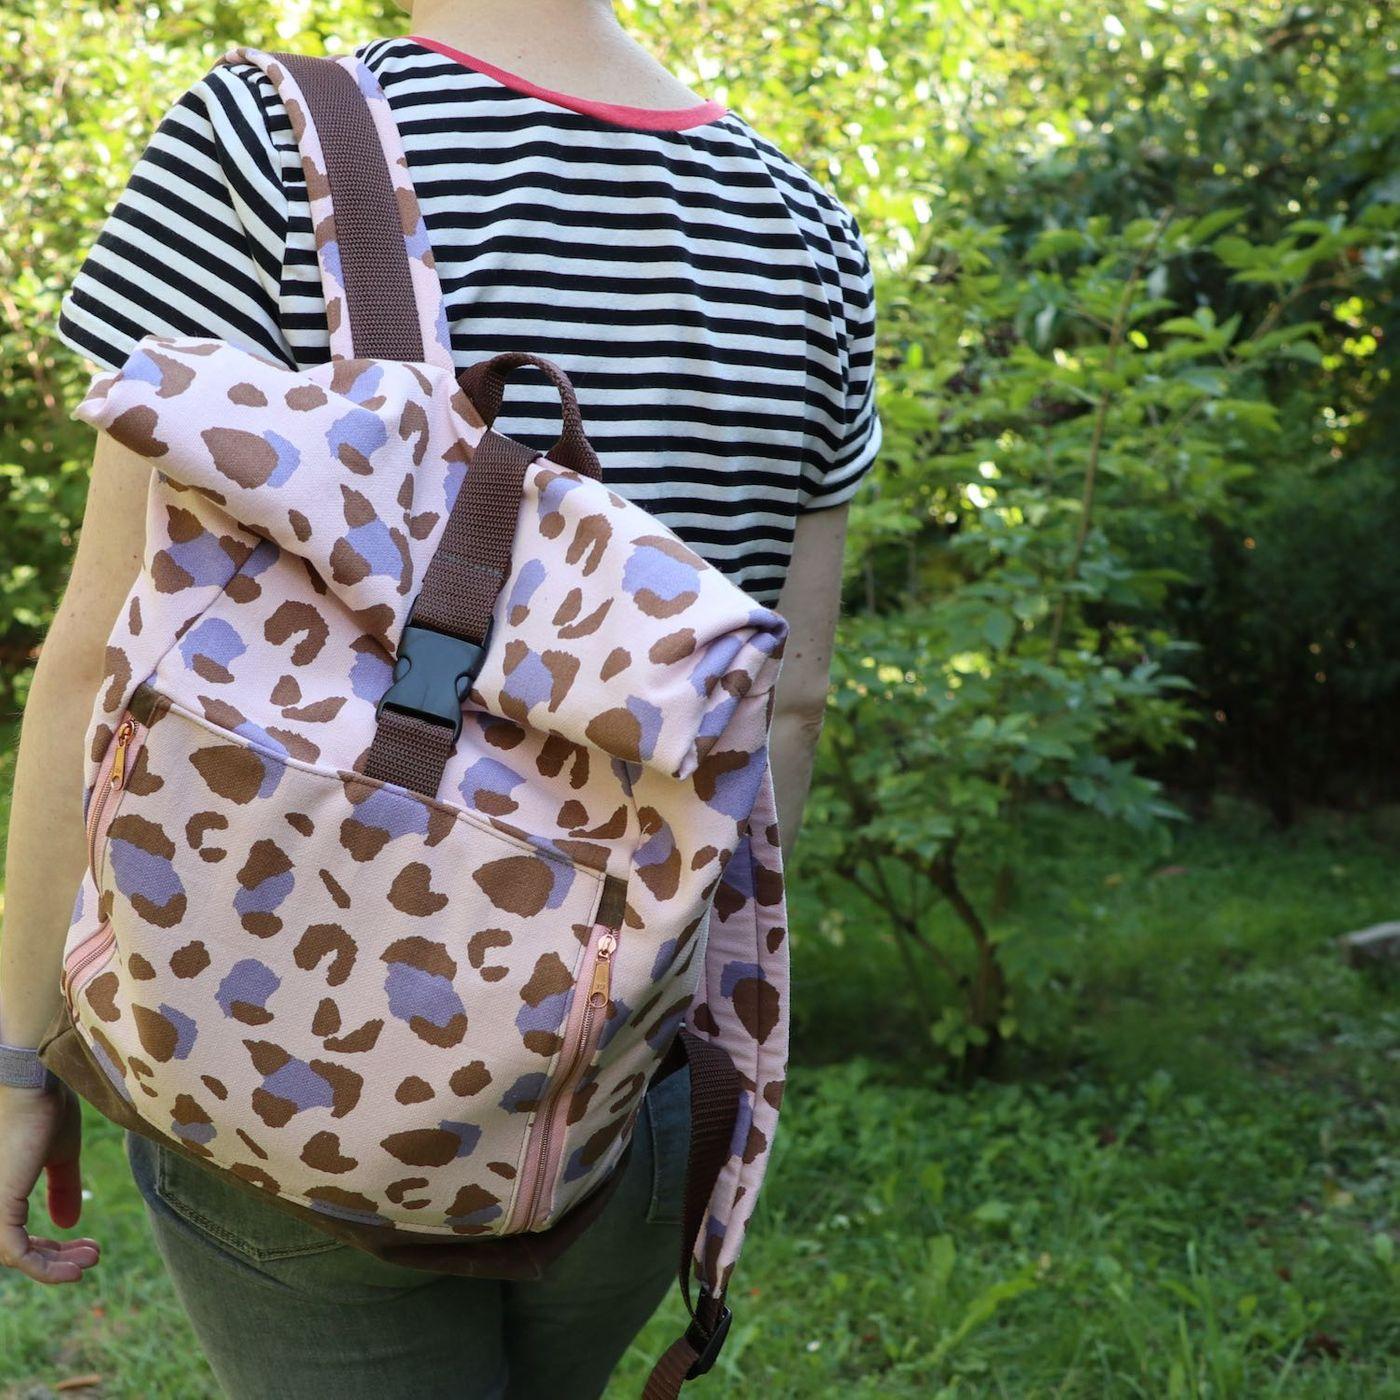 Produktfoto 7 von 11-lein für Schnittmuster Kombi Ebook Rucksack Yoko und Yoko mini